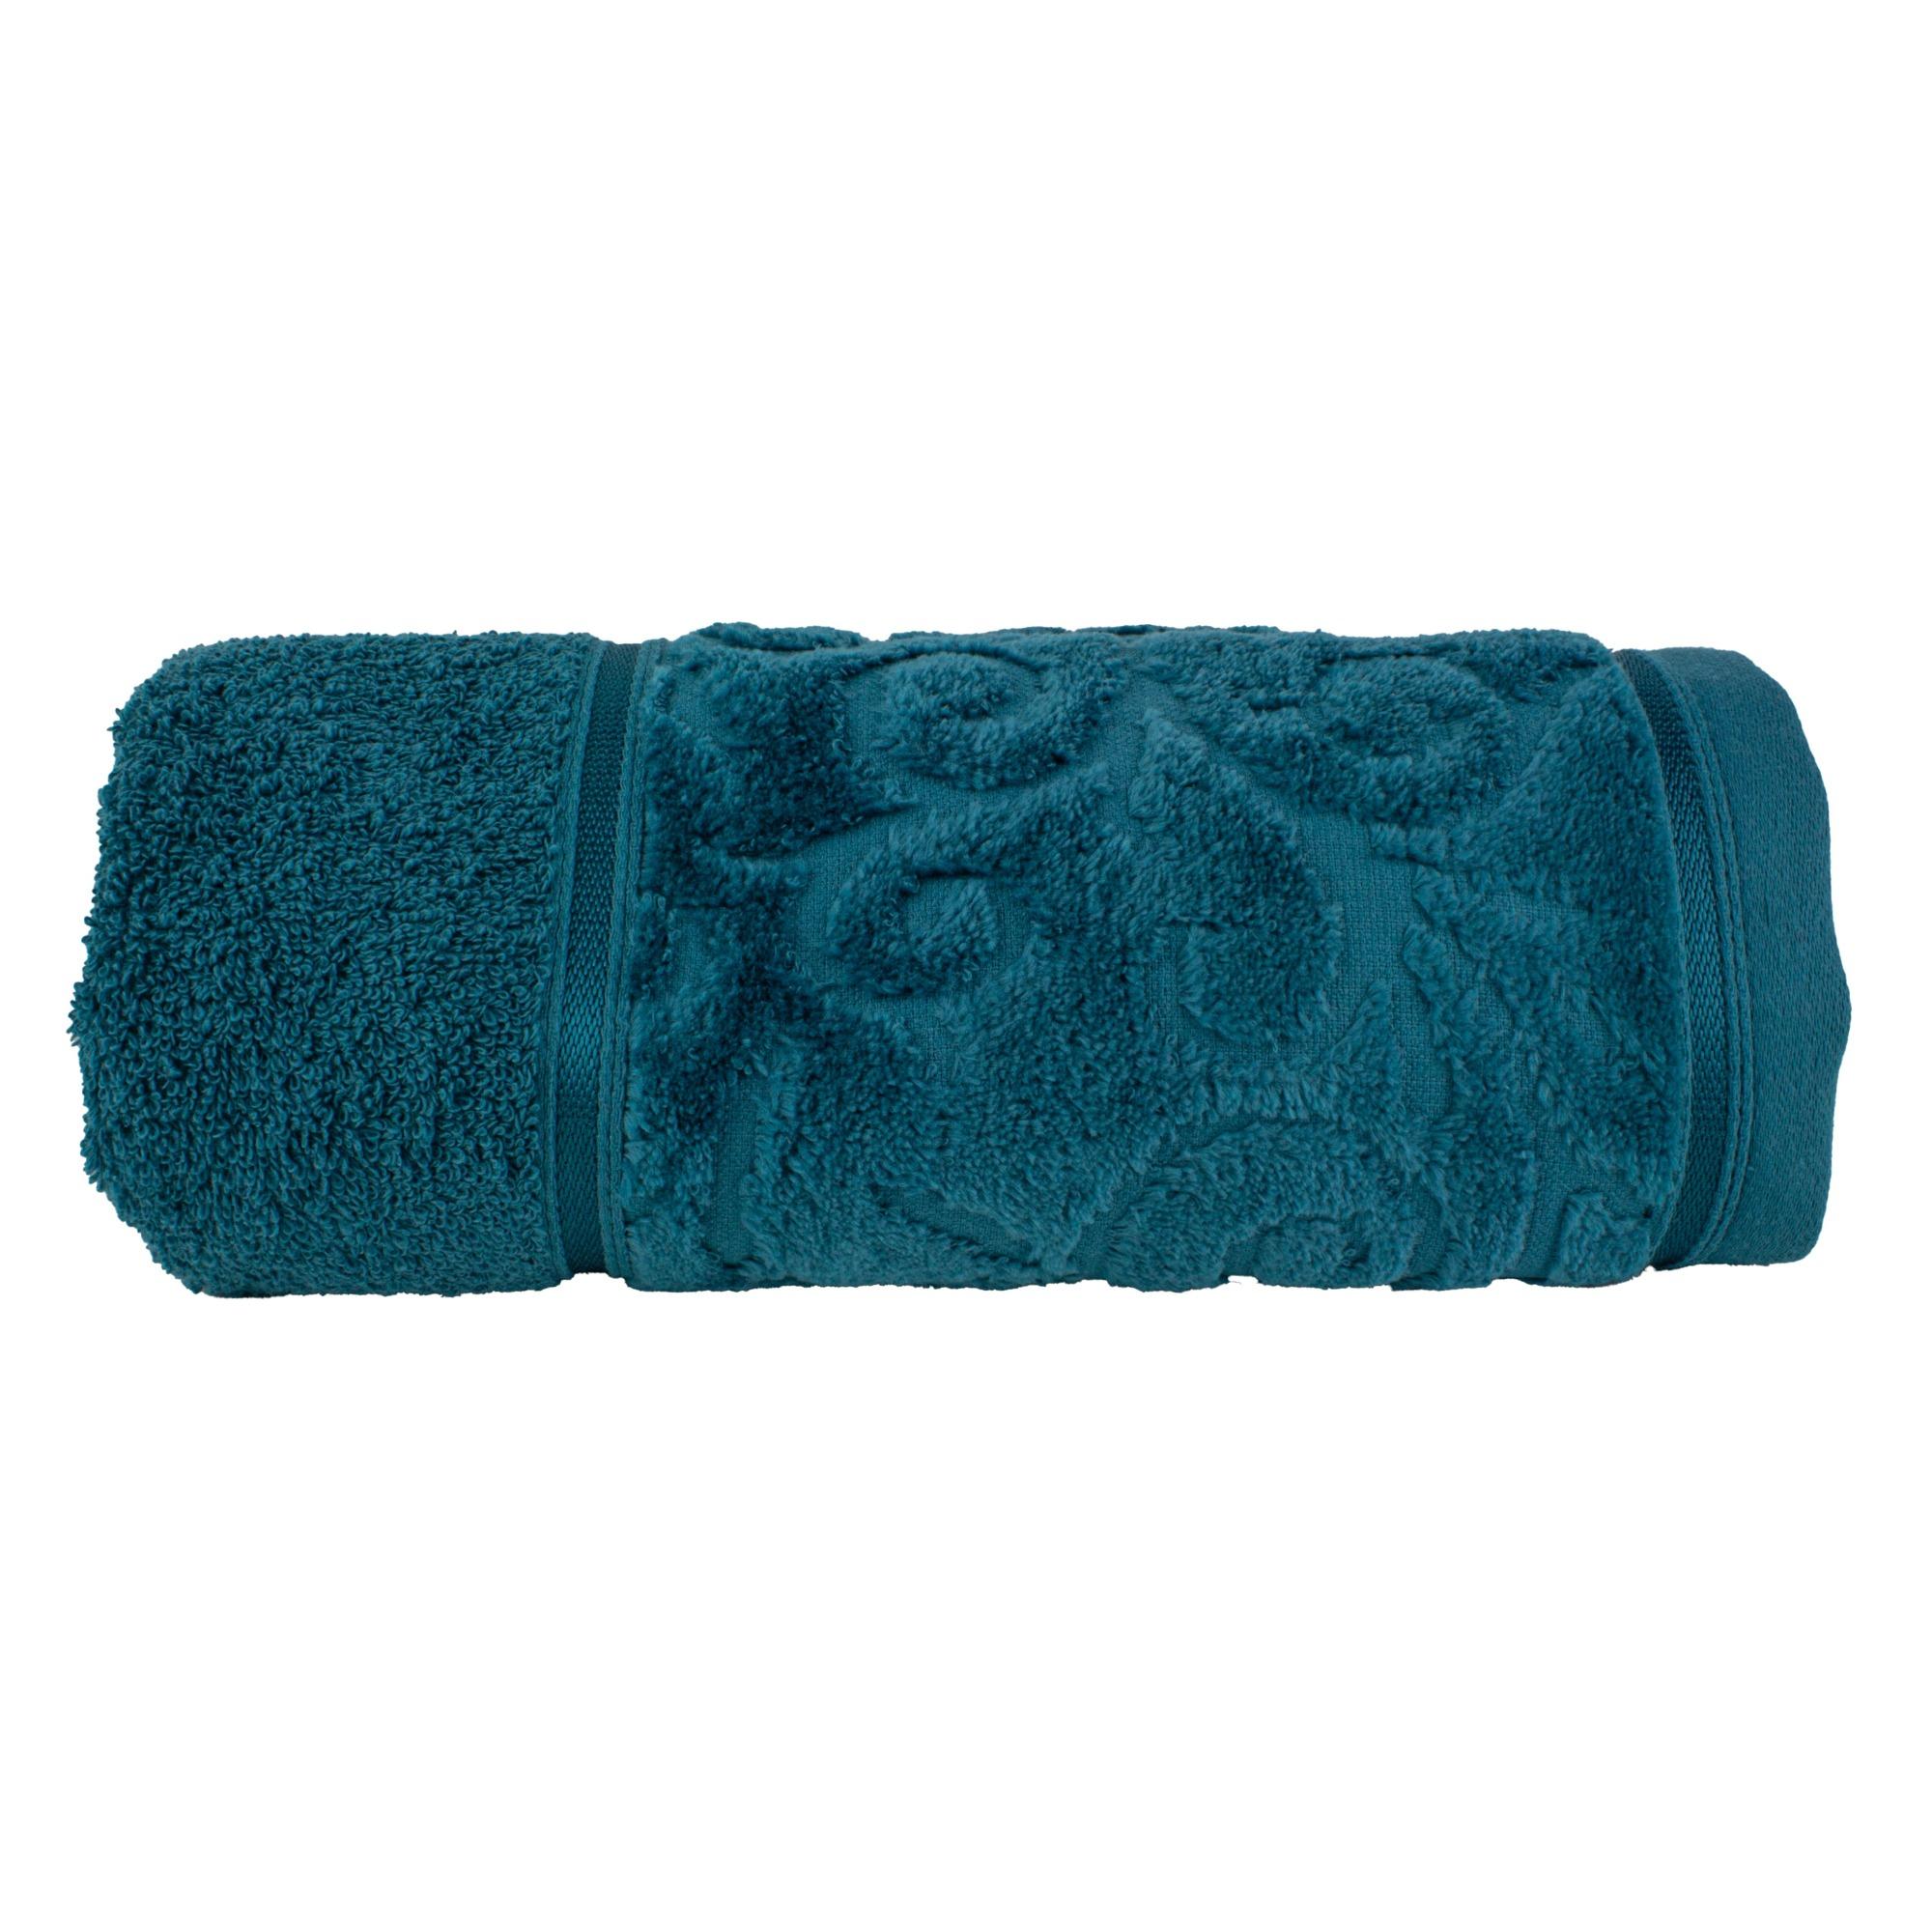 Toalha de Banho Unique 100 Algodao 70x140 cm Verde - Santista